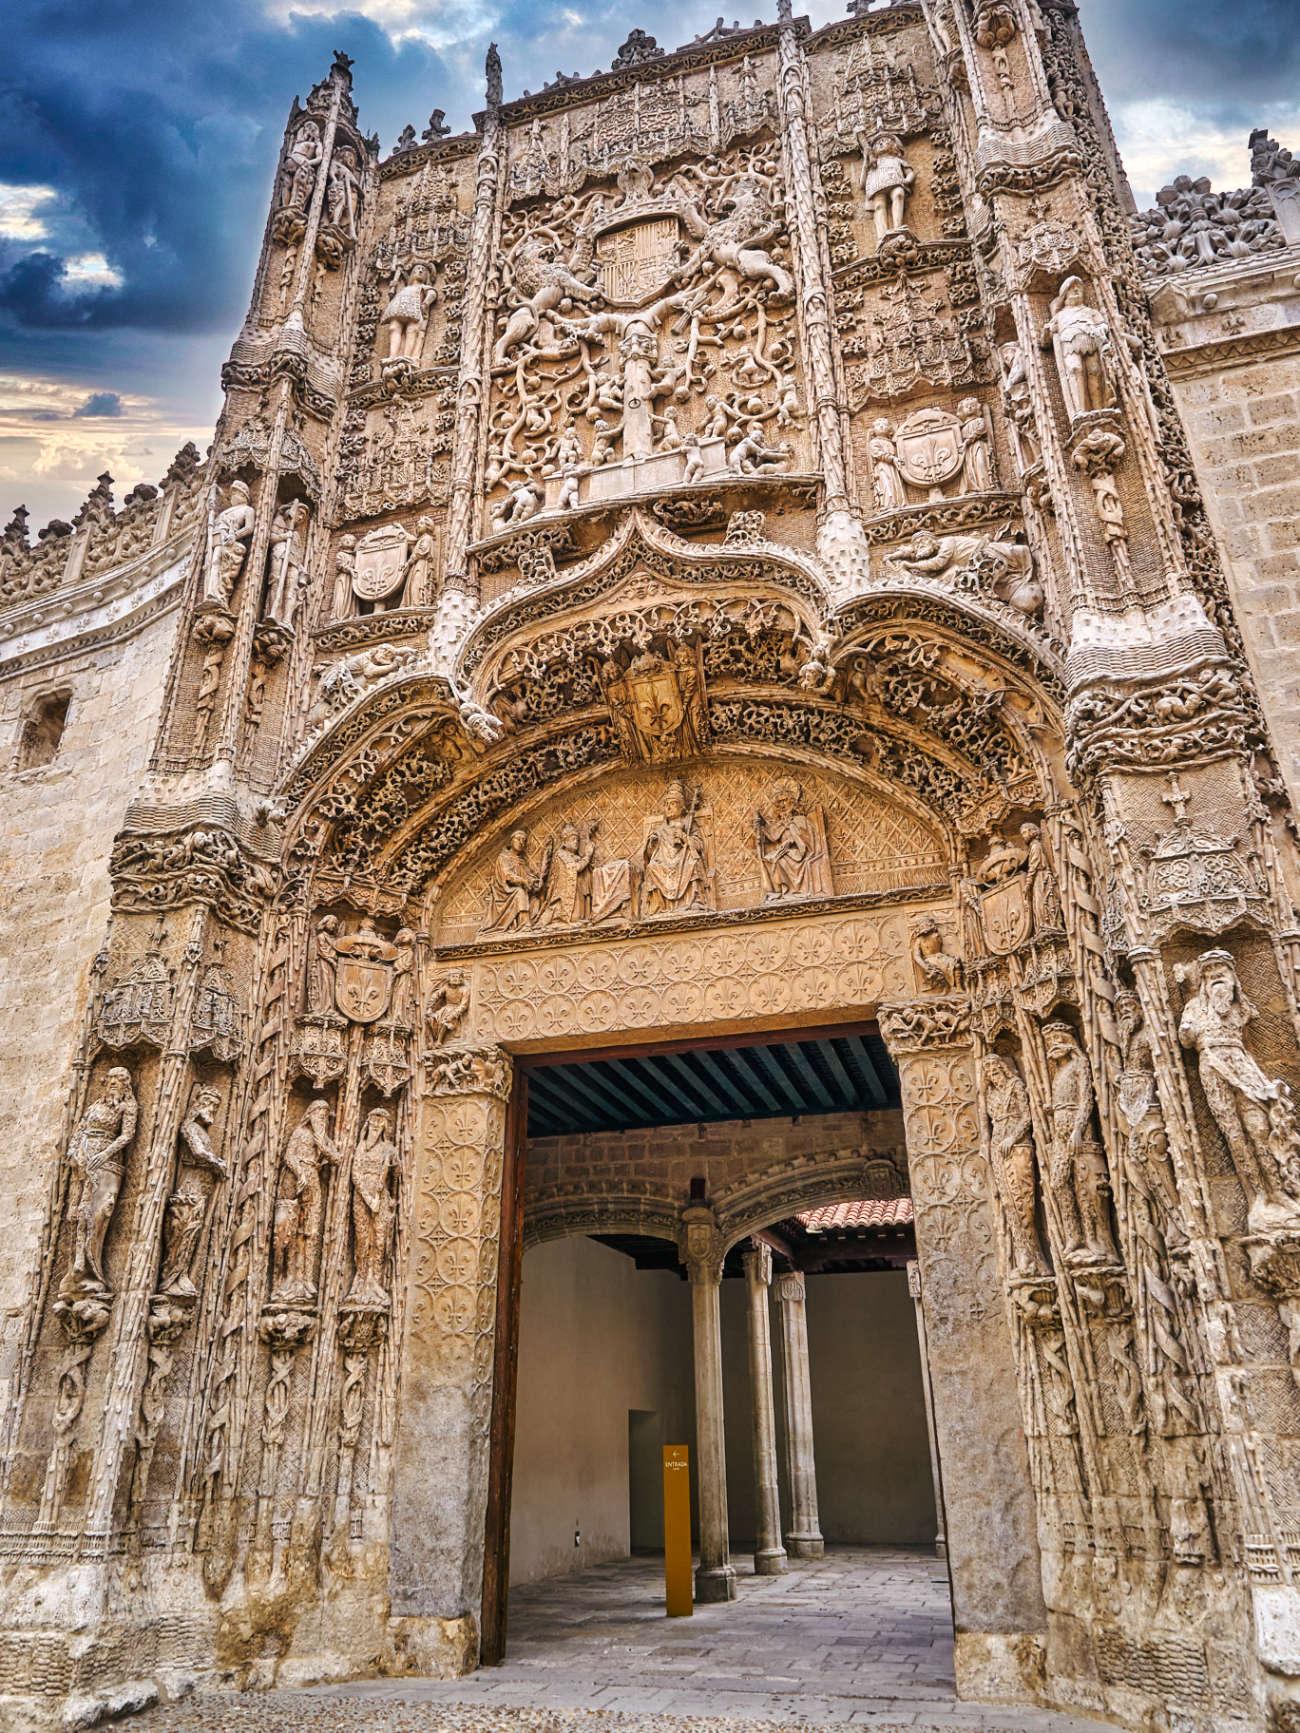 El Colegio de San Gregorio – Museo Nacional de Escultura Valladolid